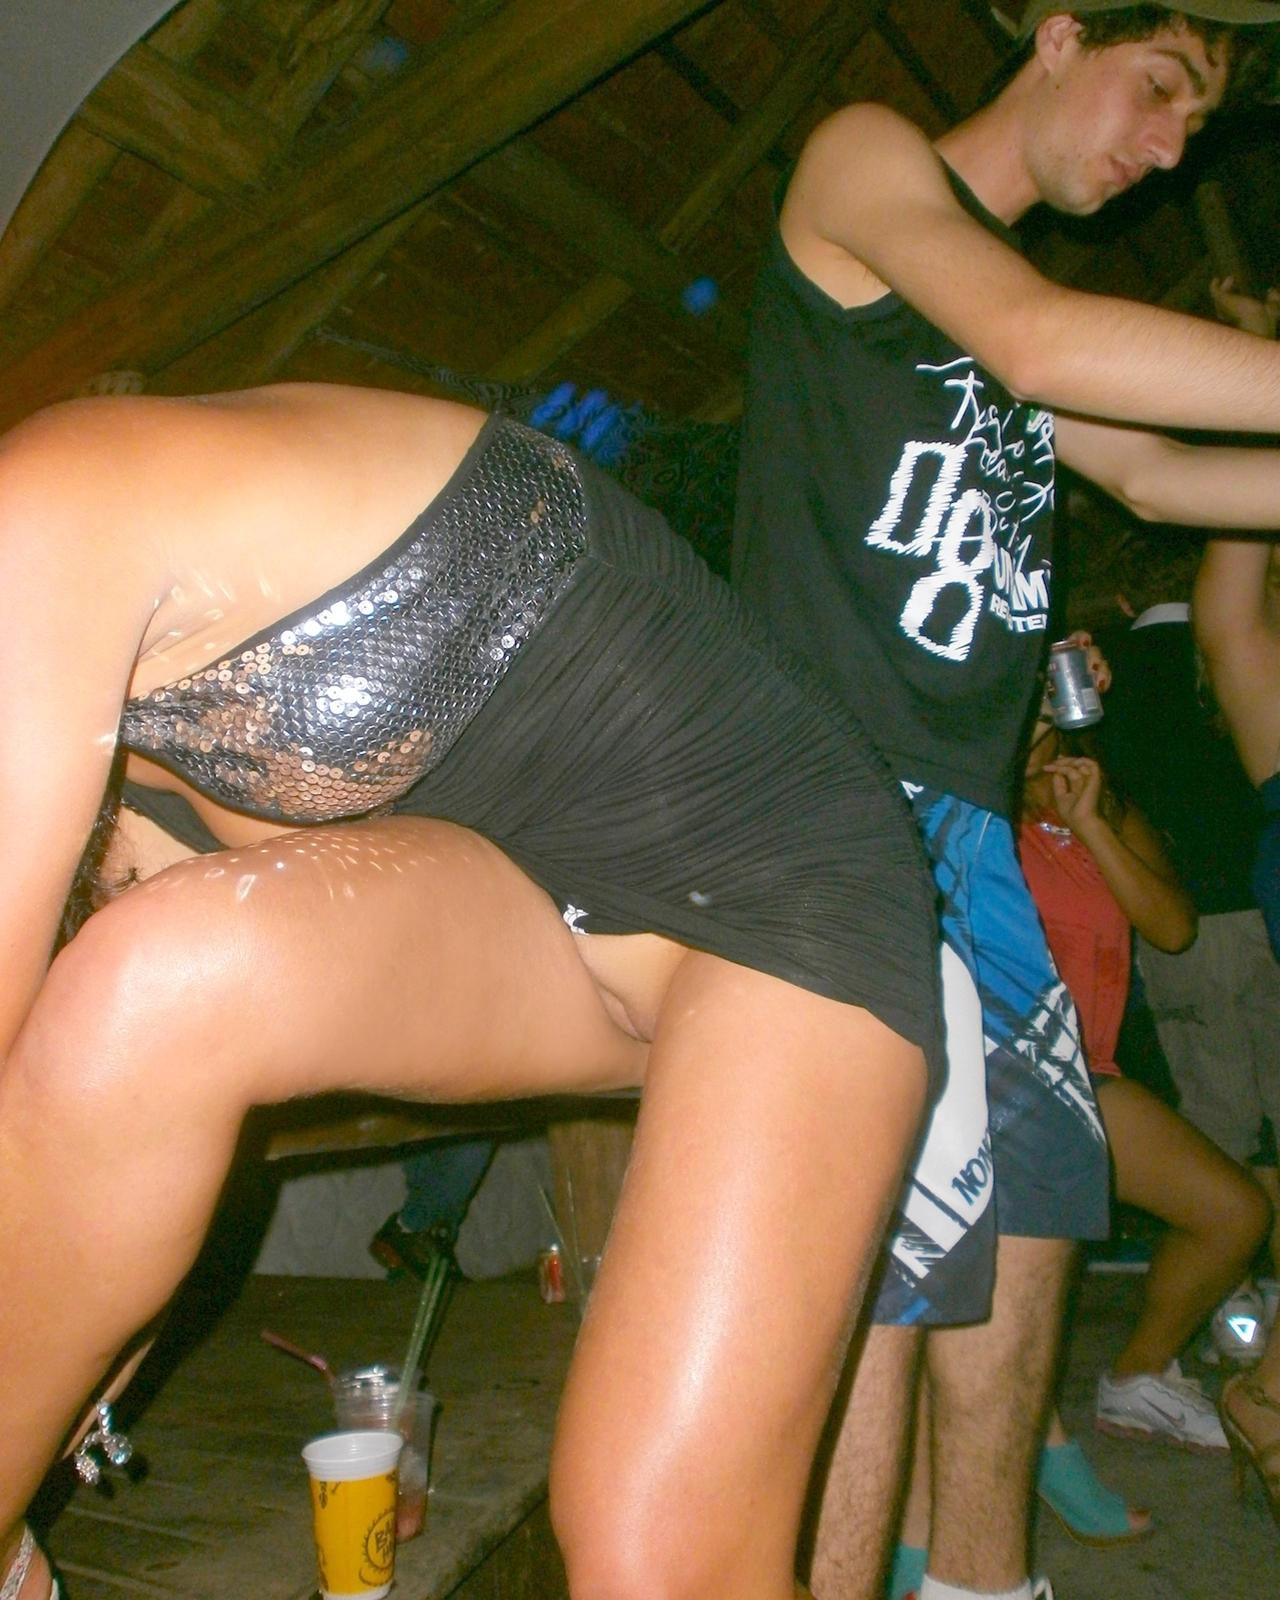 Секс в баре на дискотеке 13 фотография